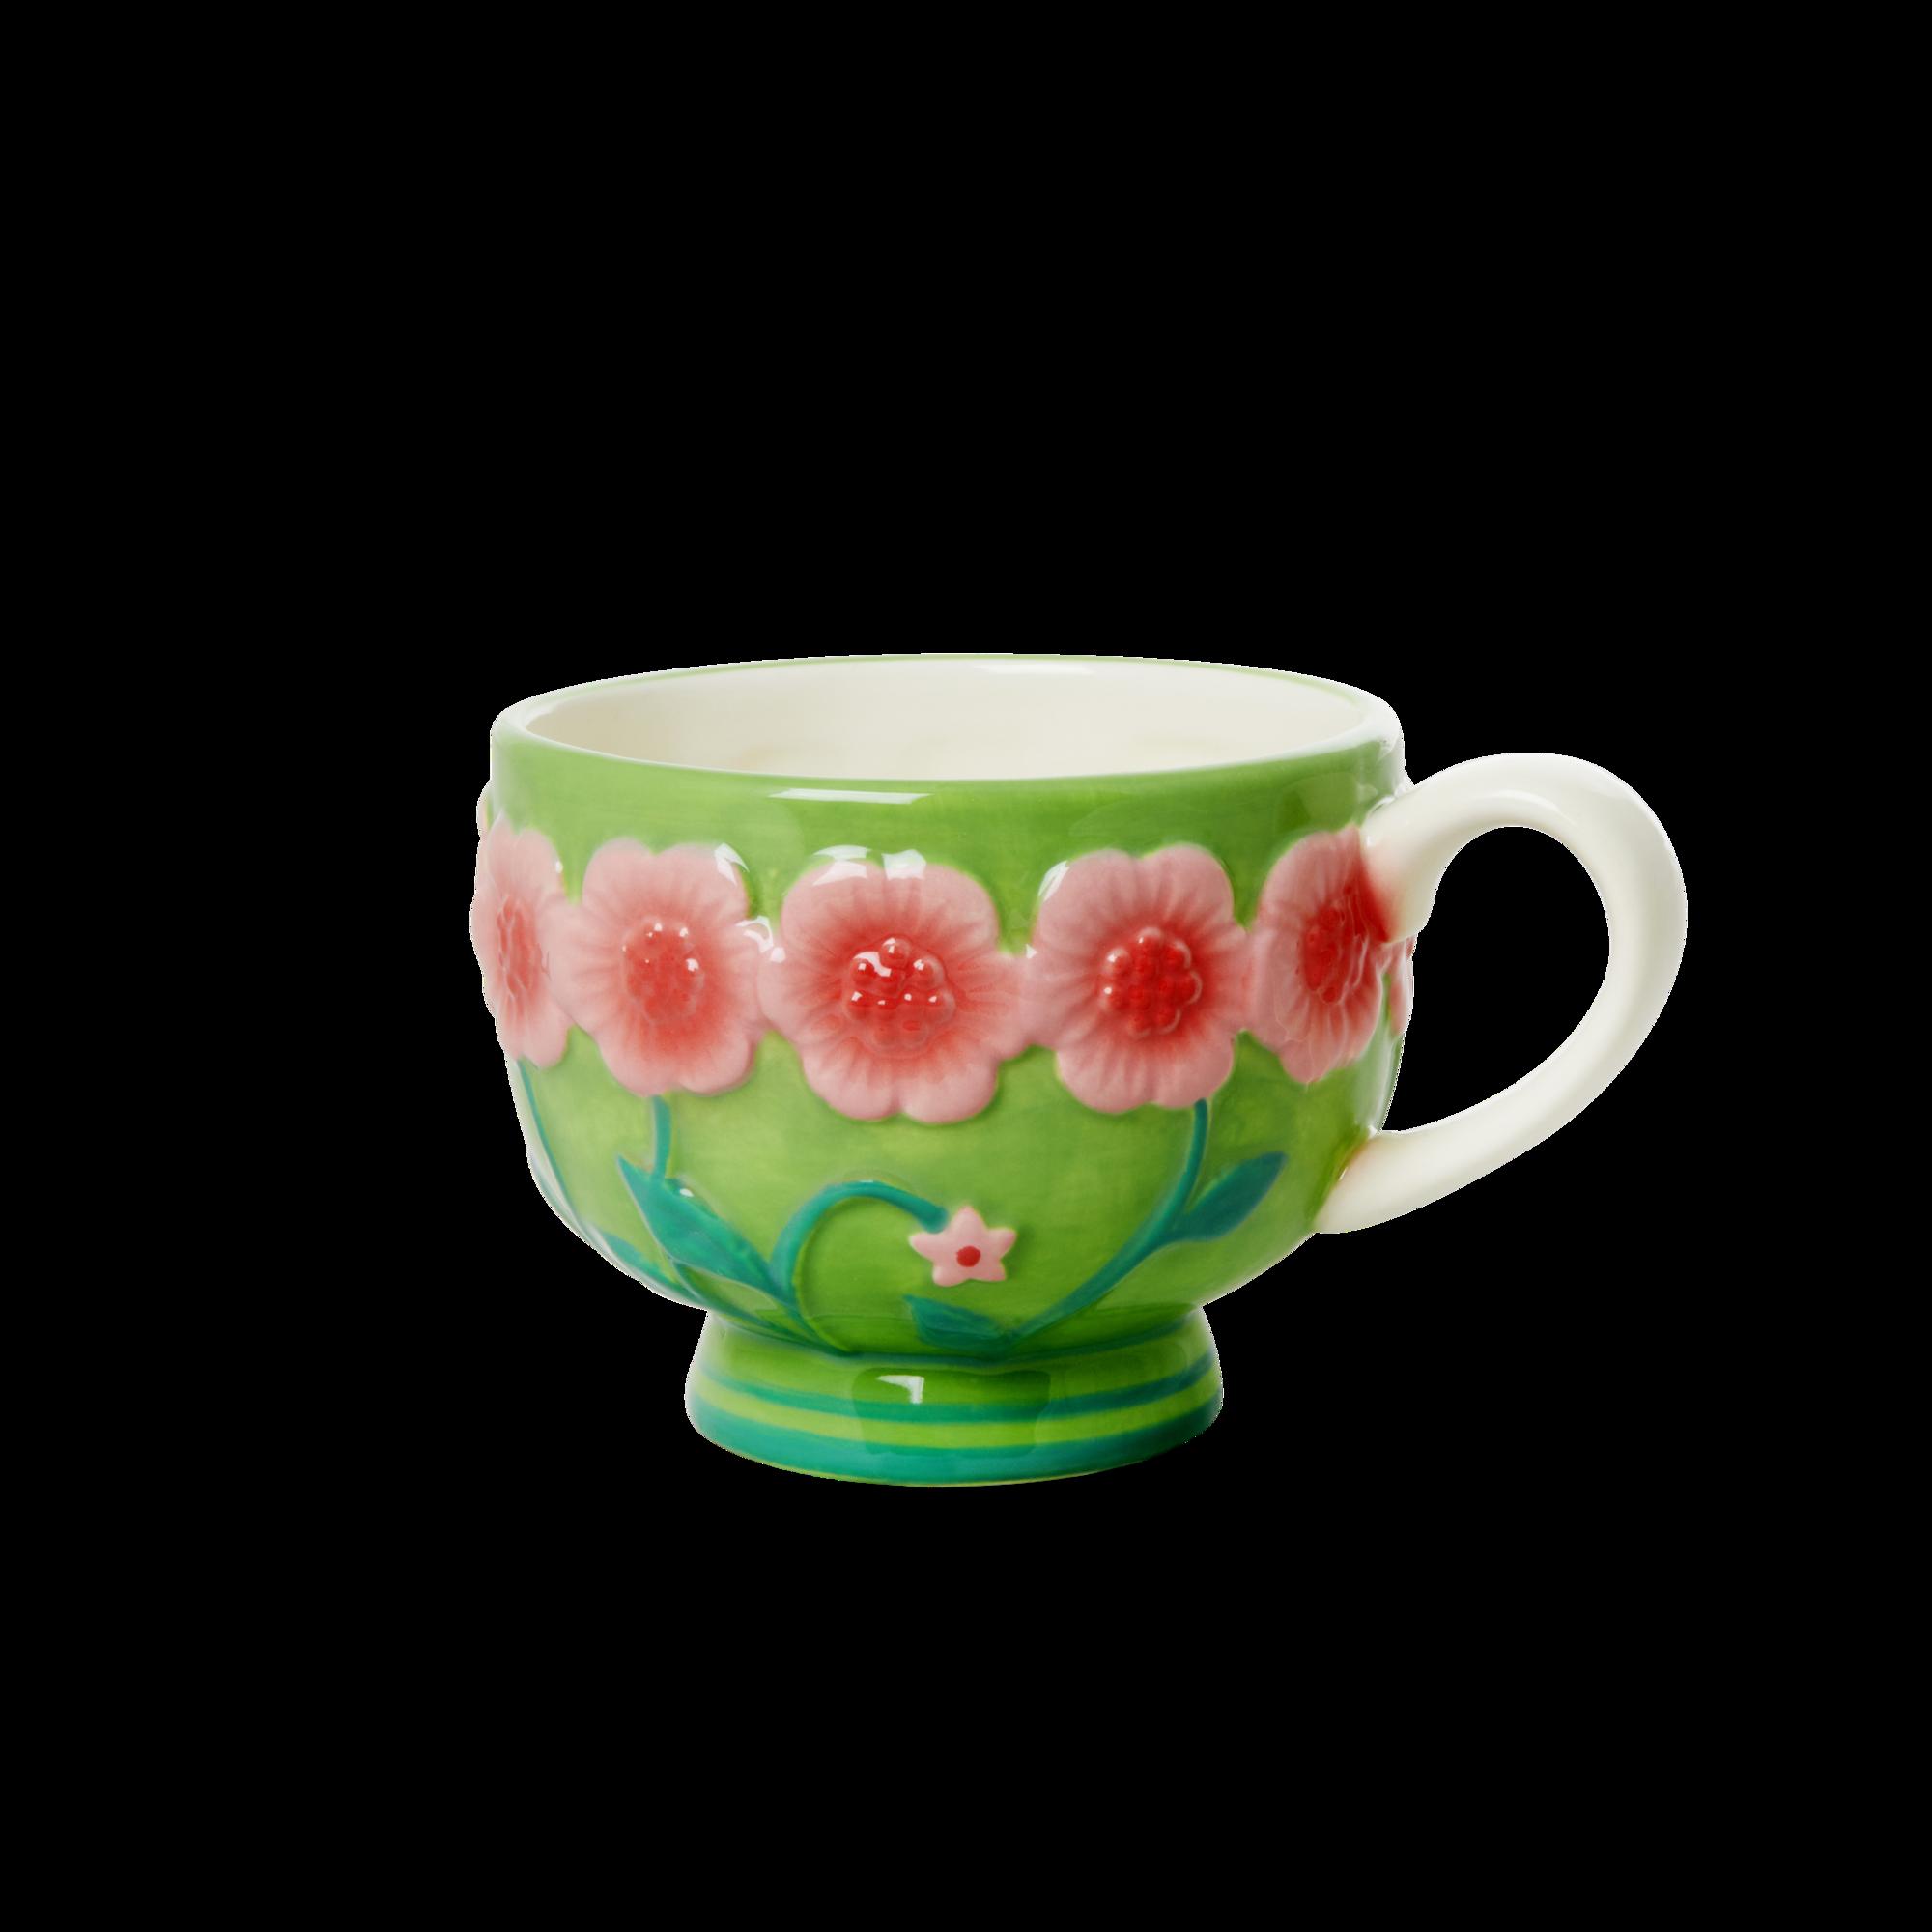 Rice - Ceramic Mug - Embossed Pink & Sage Green Flower Design